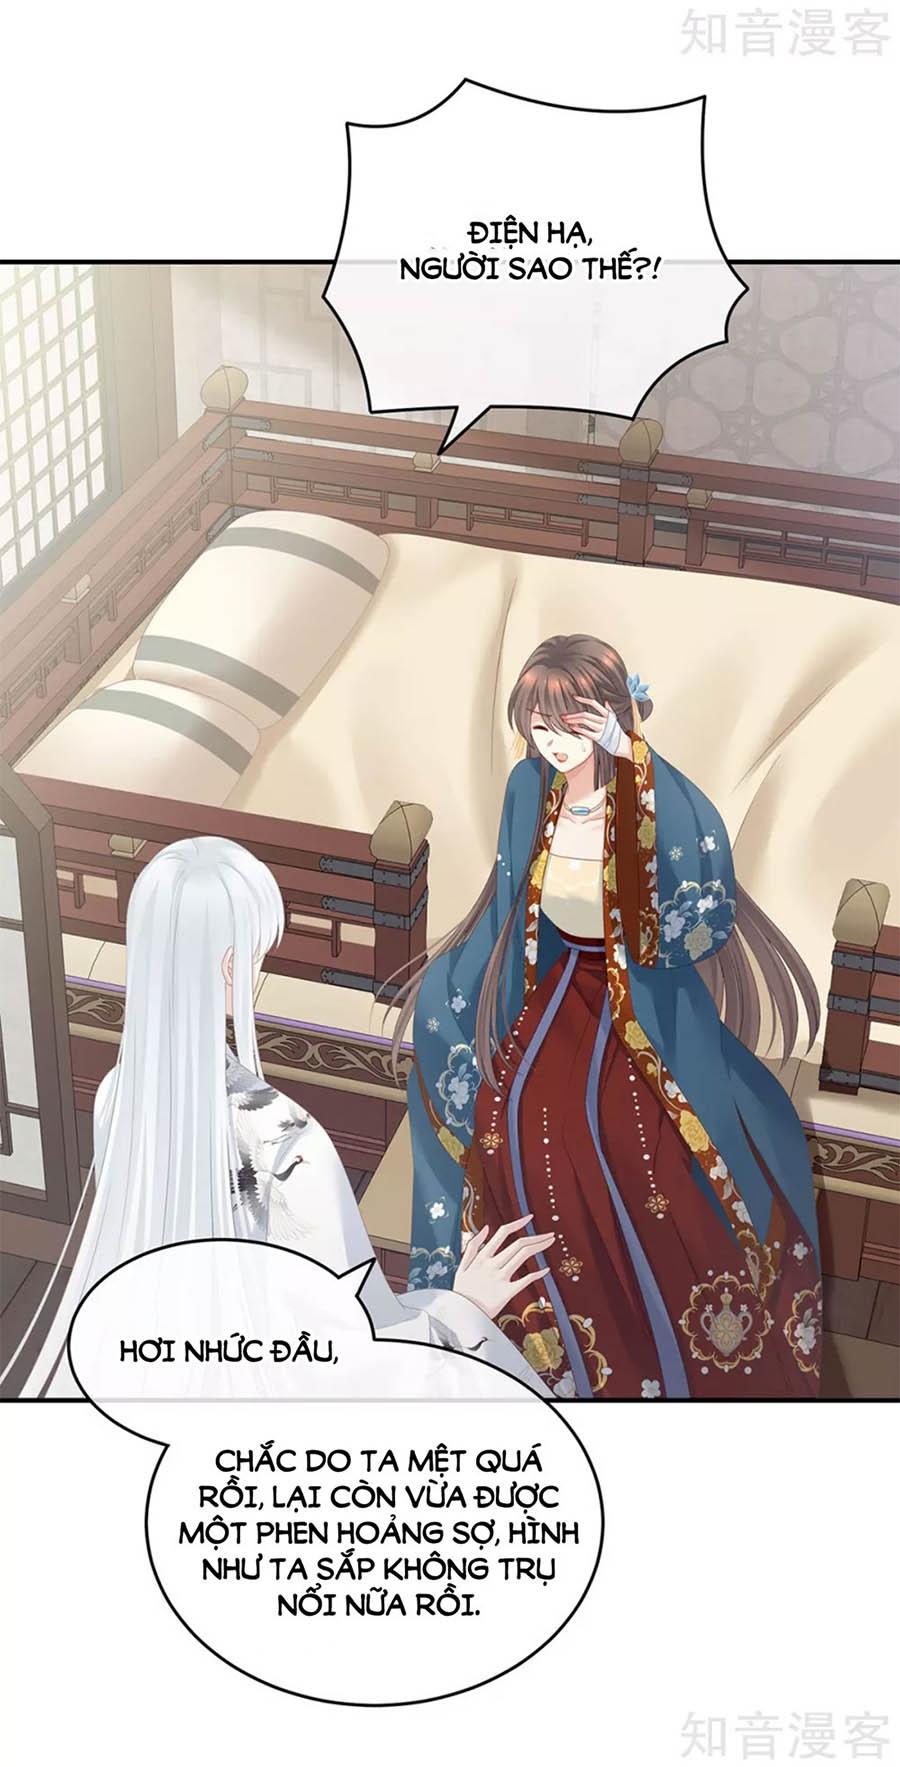 Hậu Cung Của Nữ Đế chap 158 - Trang 41